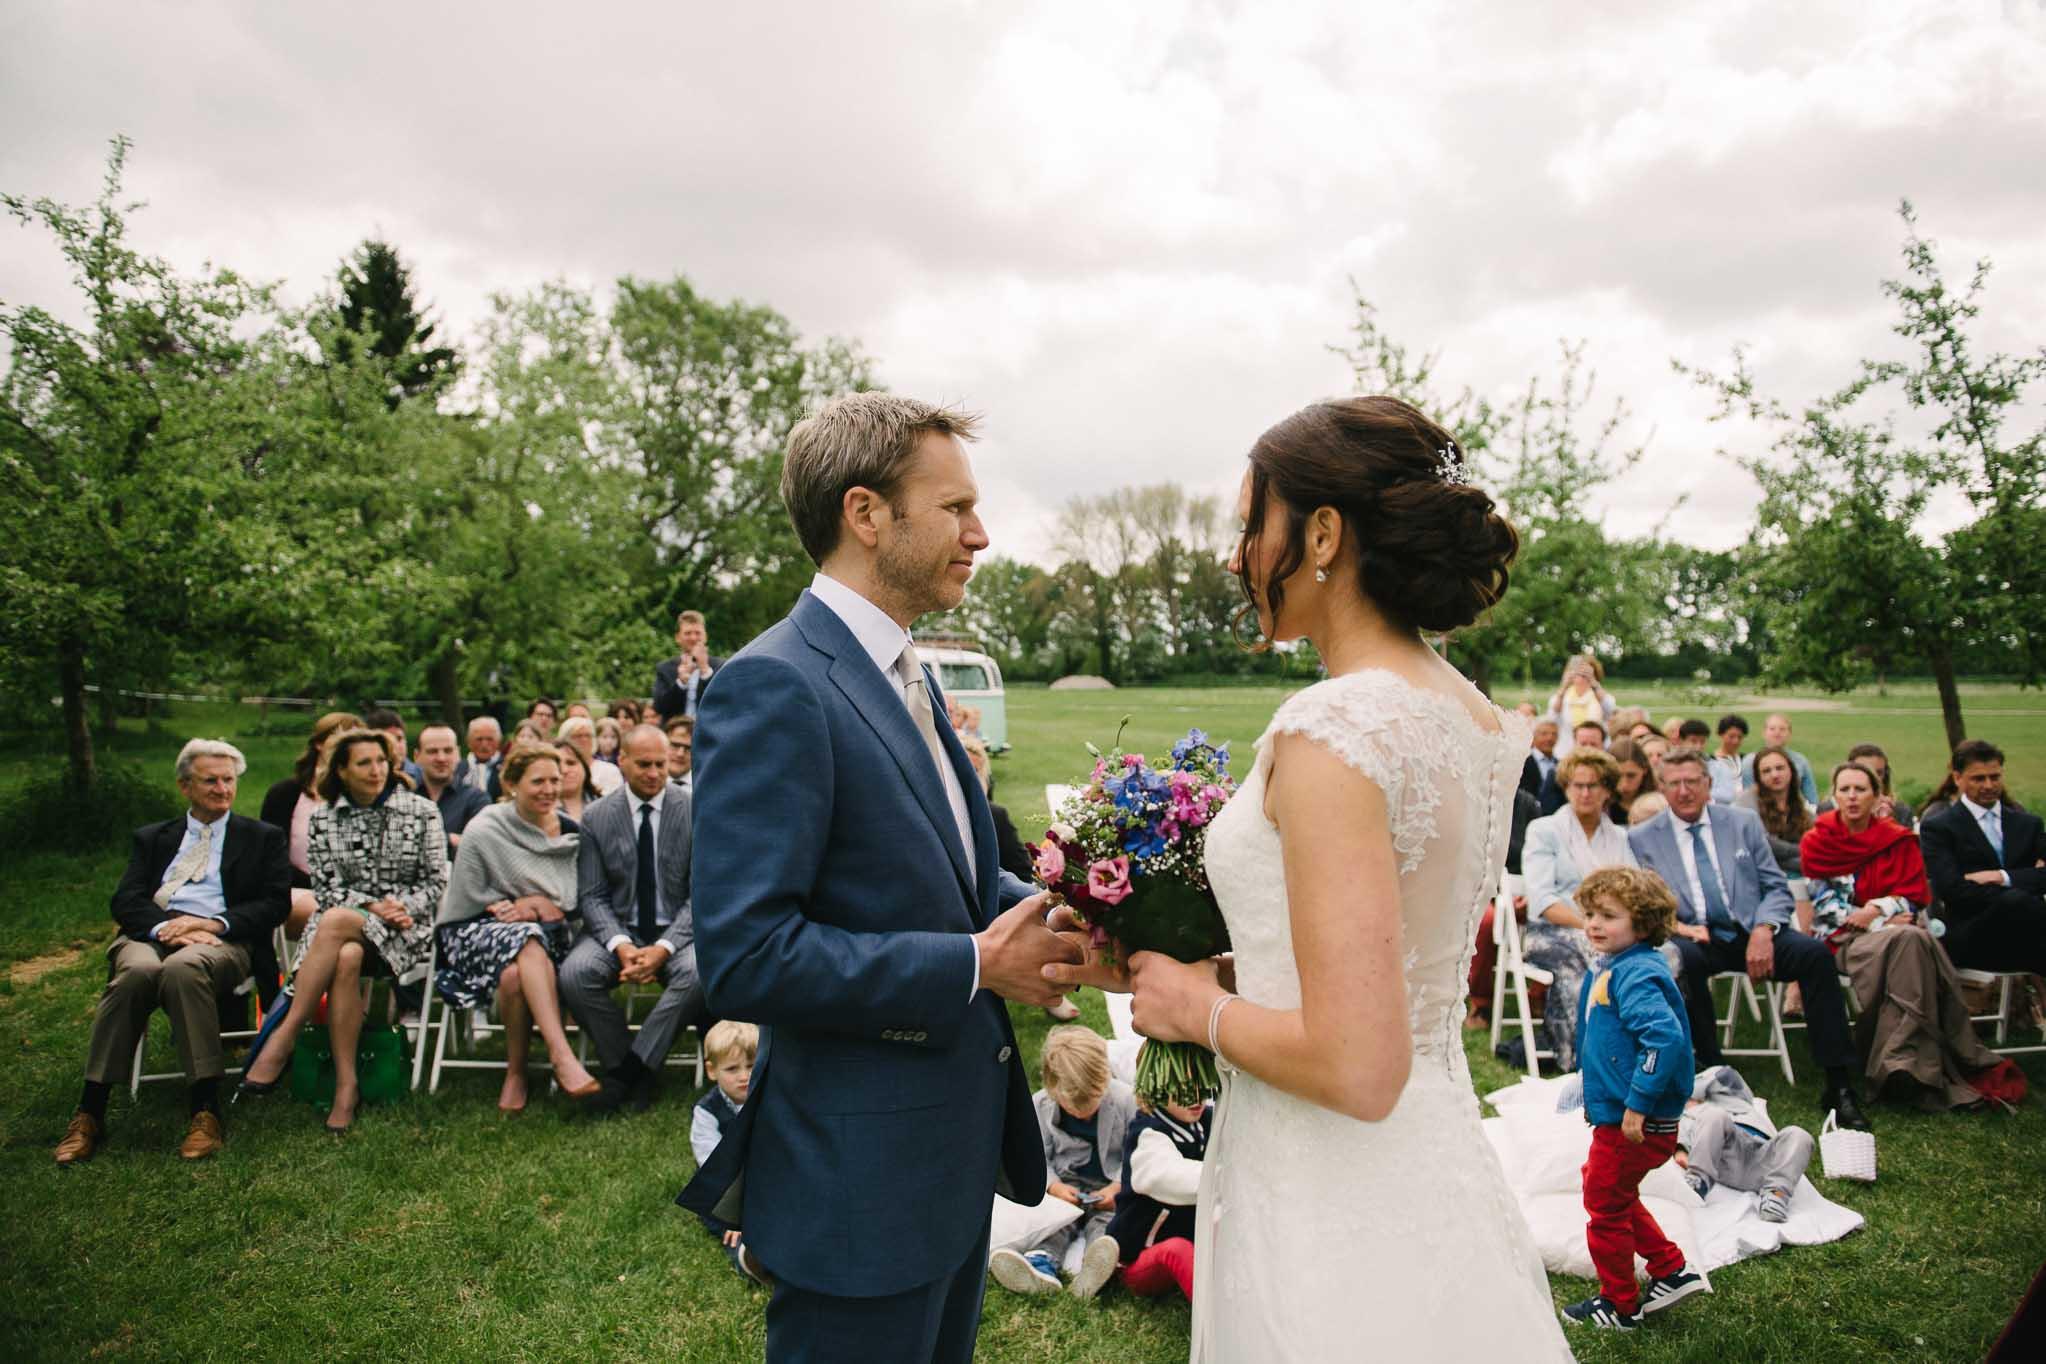 bruidsfotograaf-utrecht-journalistieke-bruidsreportage-buitenbruiloft